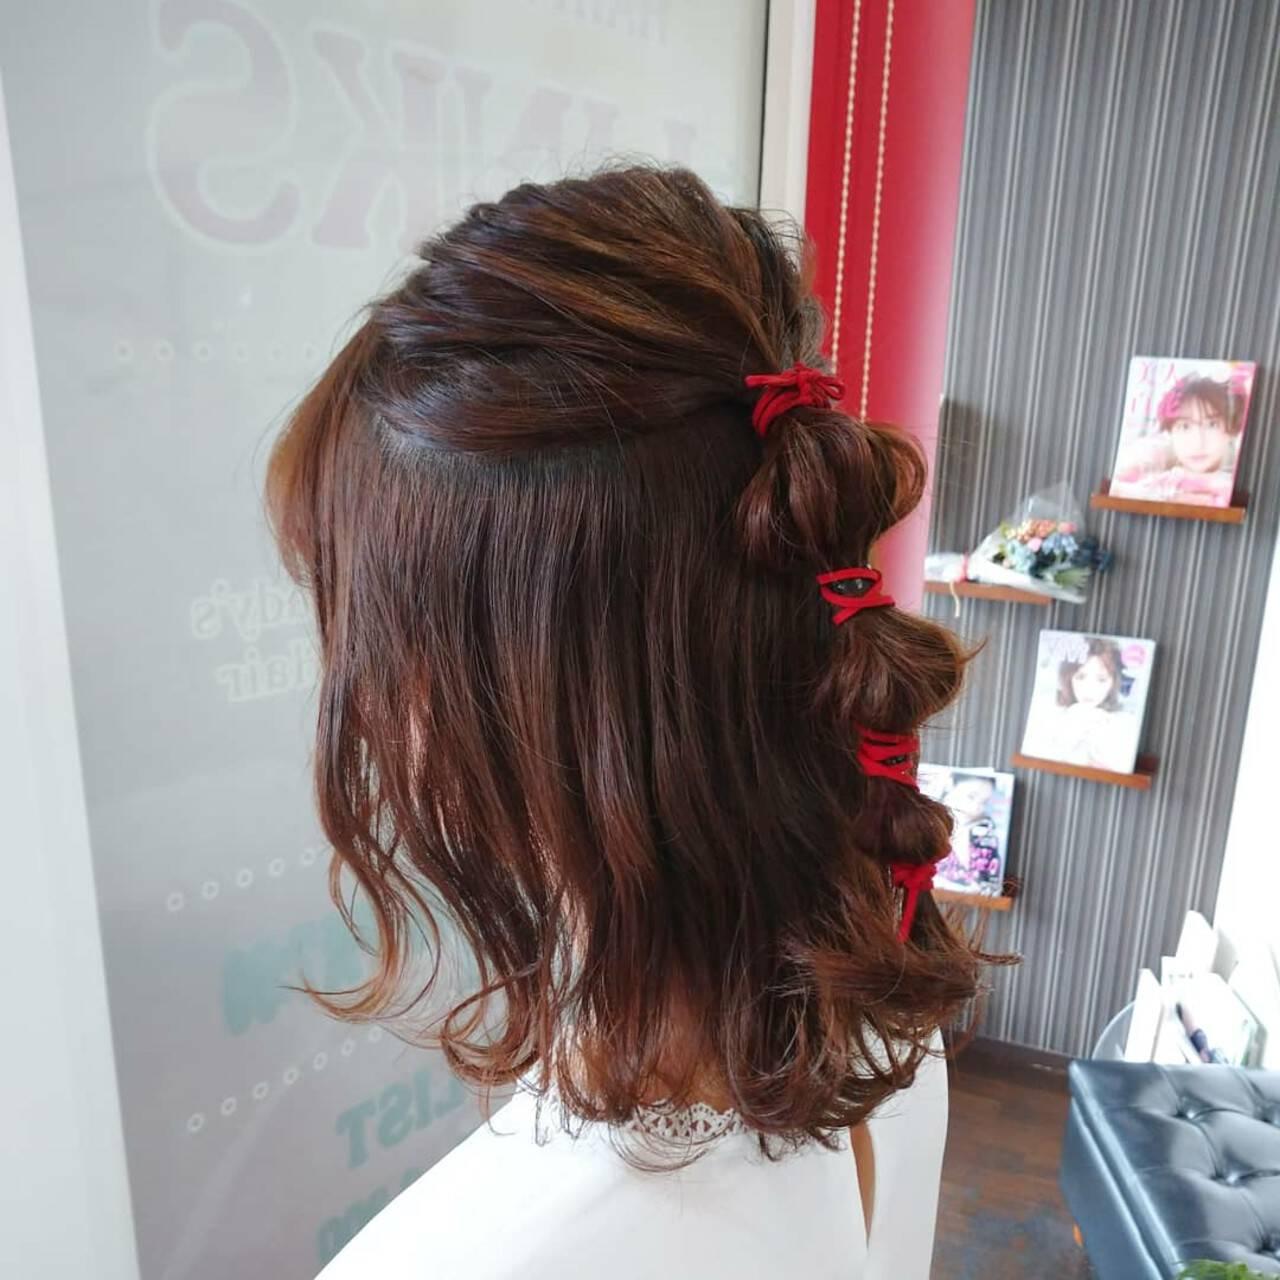 ハーフアップ ナチュラル たまねぎアレンジ 簡単ヘアアレンジヘアスタイルや髪型の写真・画像